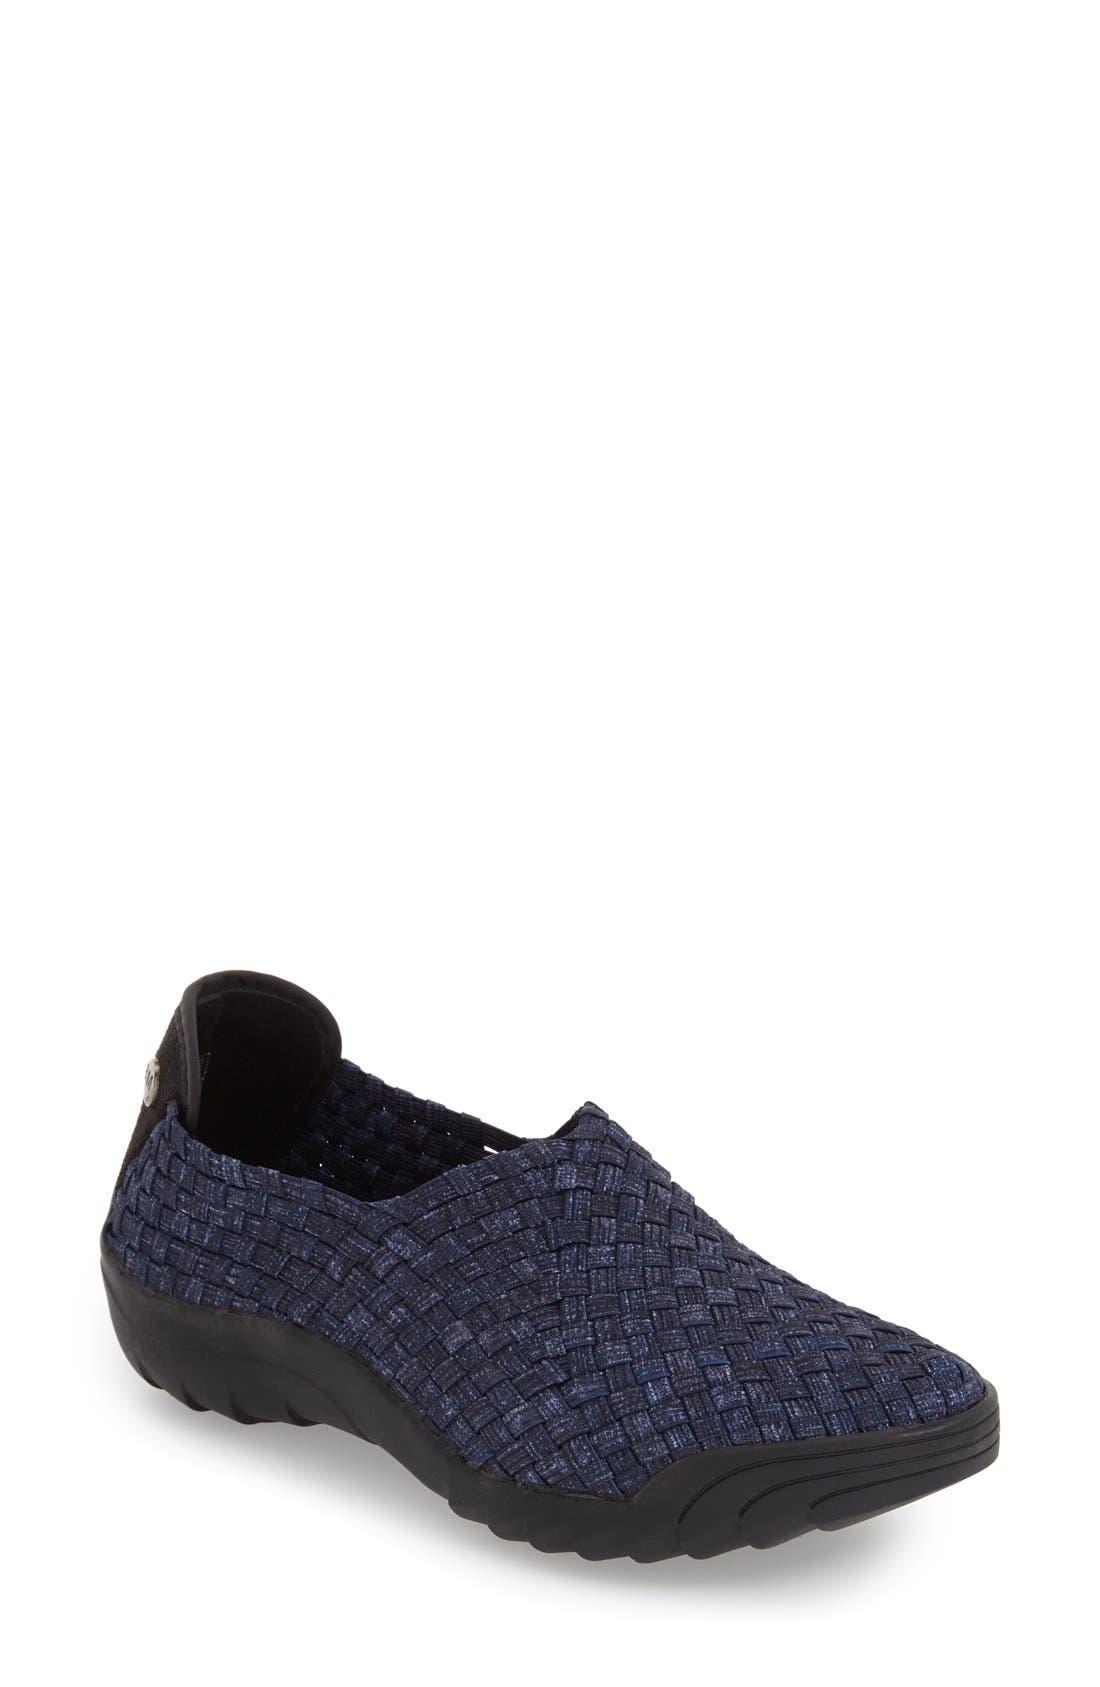 BERNIE MEV. 'Rigged Jim' Slip-On Sneaker